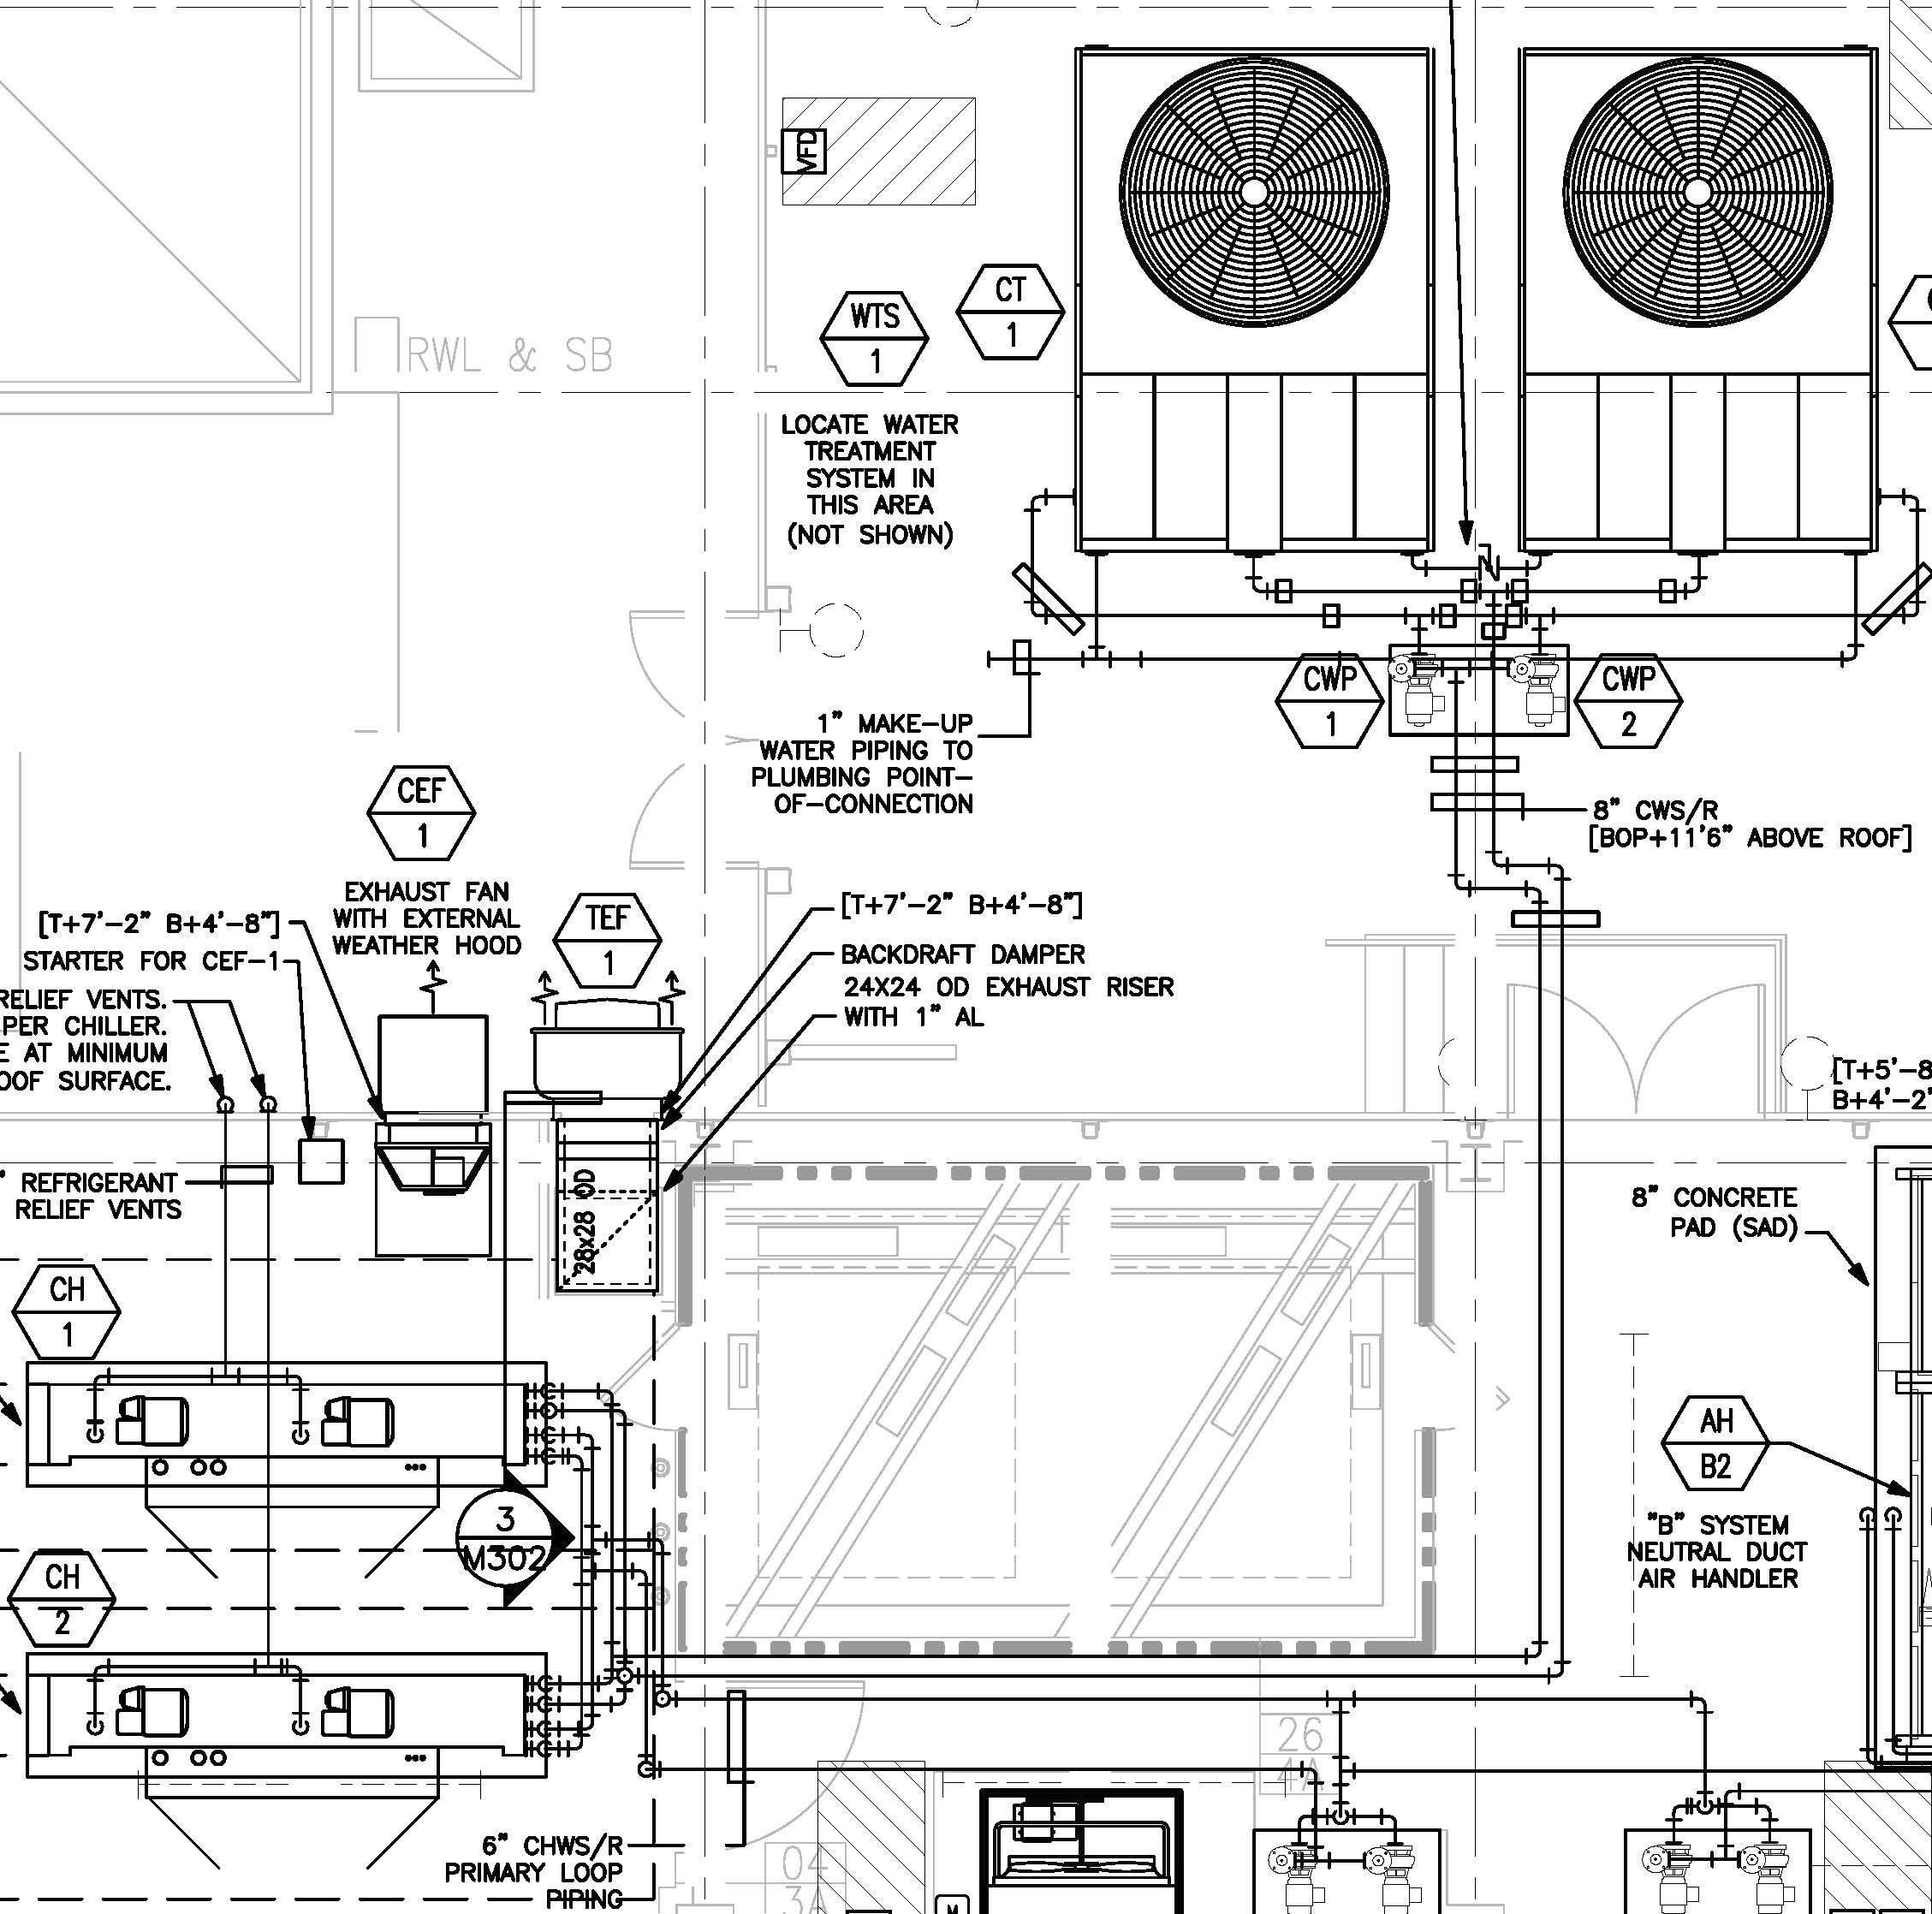 1986 Club Car Wiring Diagram 29b5a5 1986 Club Car Wiring Diagram